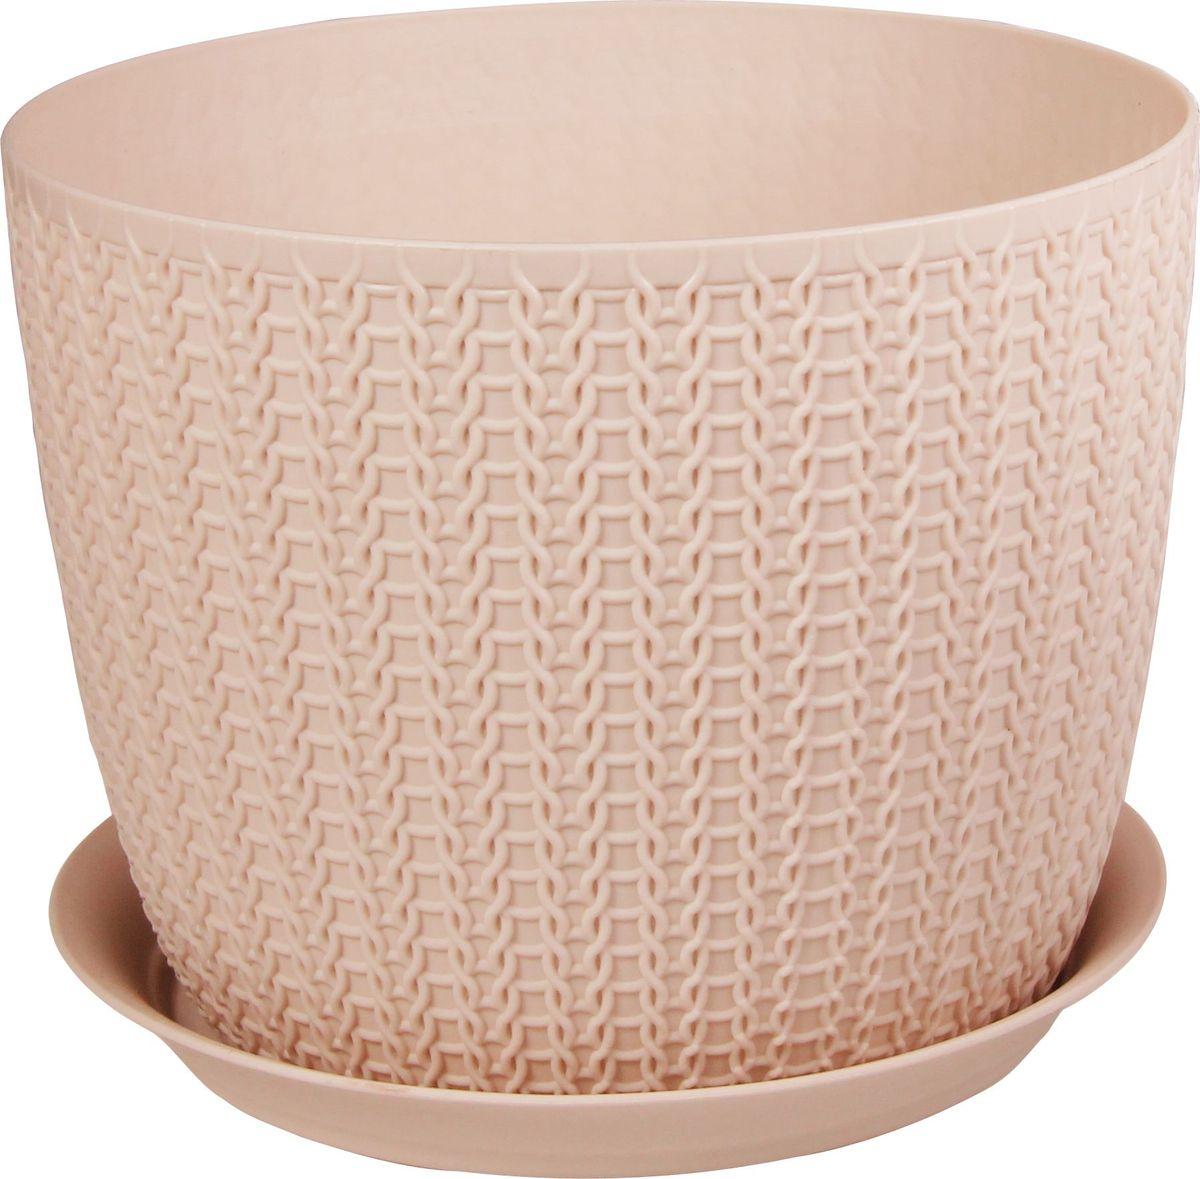 Кашпо Idea Вязание, с поддоном, цвет: чайная роза, диаметр 18 смМ 3121_чайная розаКашпо Idea Вязание изготовлено из полипропилена (пластика). Специальная подставка предназначена для стока воды. Изделие прекрасно подходит для выращивания растений и цветов в домашних условиях.Диаметр кашпо: 18 см. Высота кашпо: 14 см. Объем кашпо: 2,8 л.